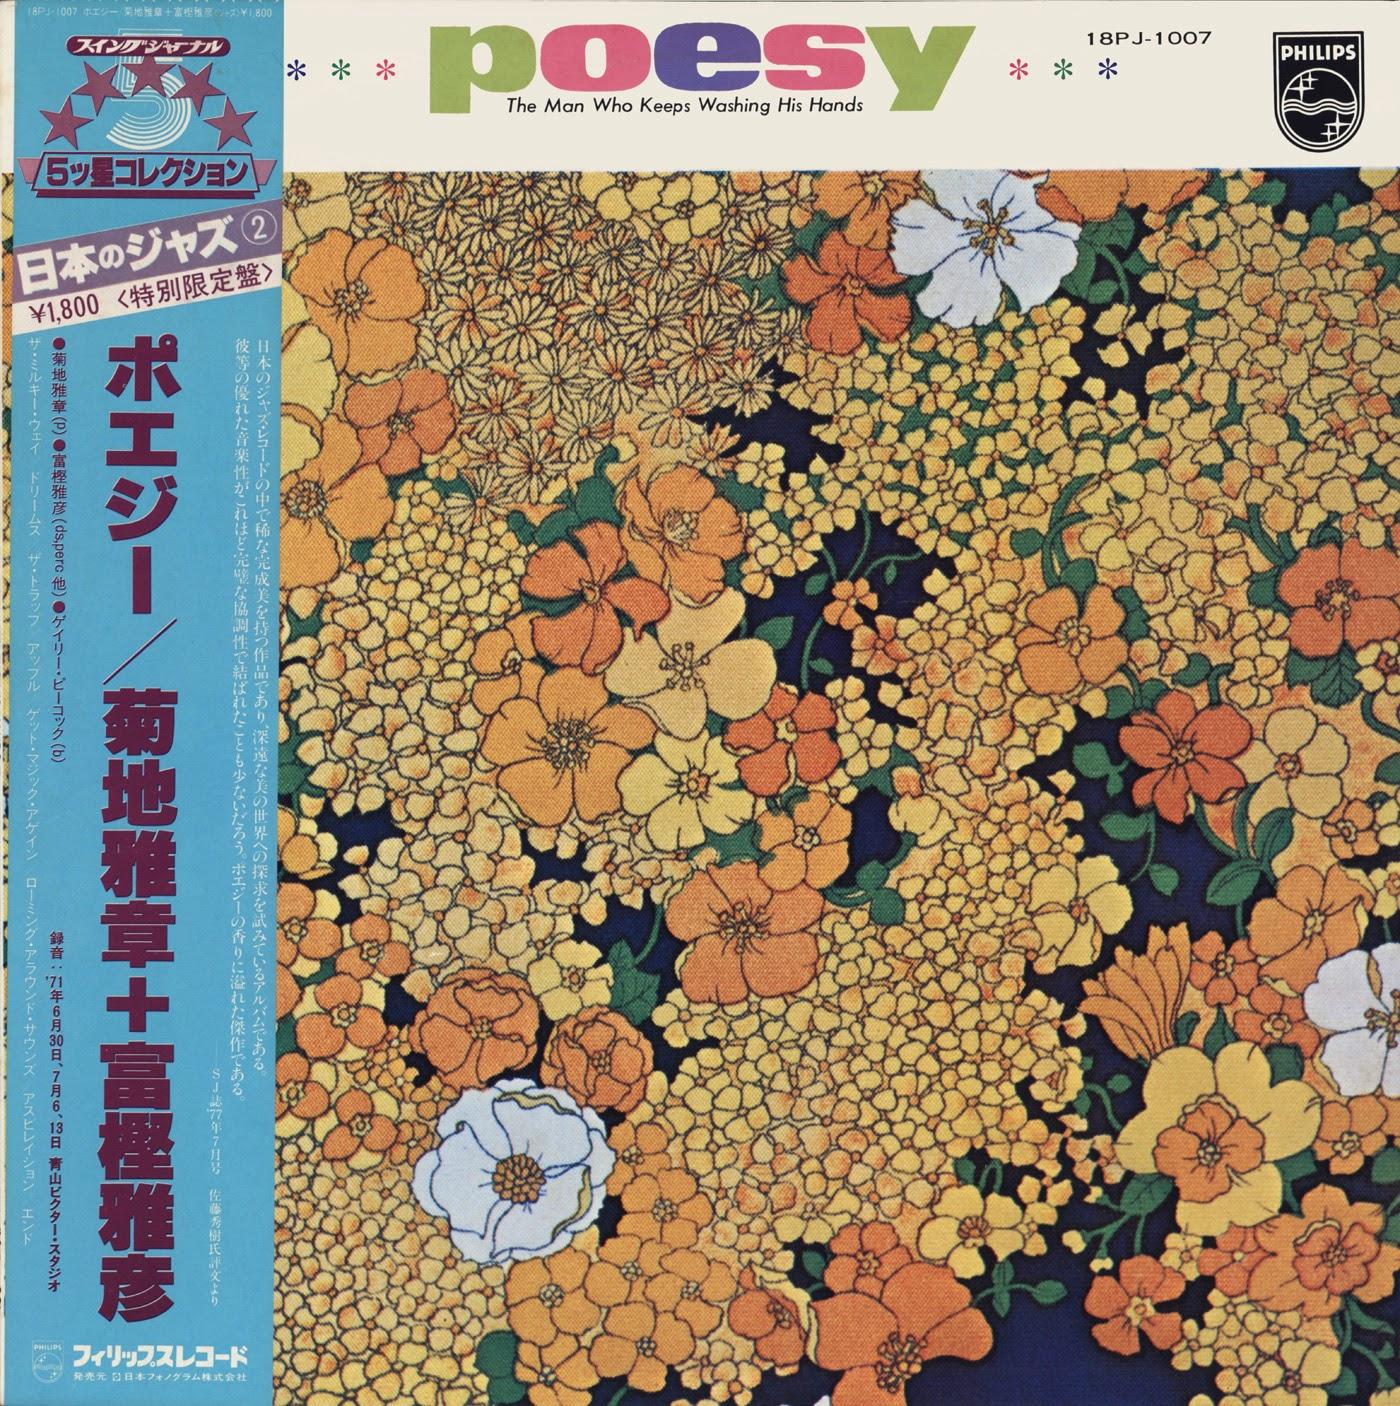 Masahiko Togashi + Masahiko Satoh - 双晶